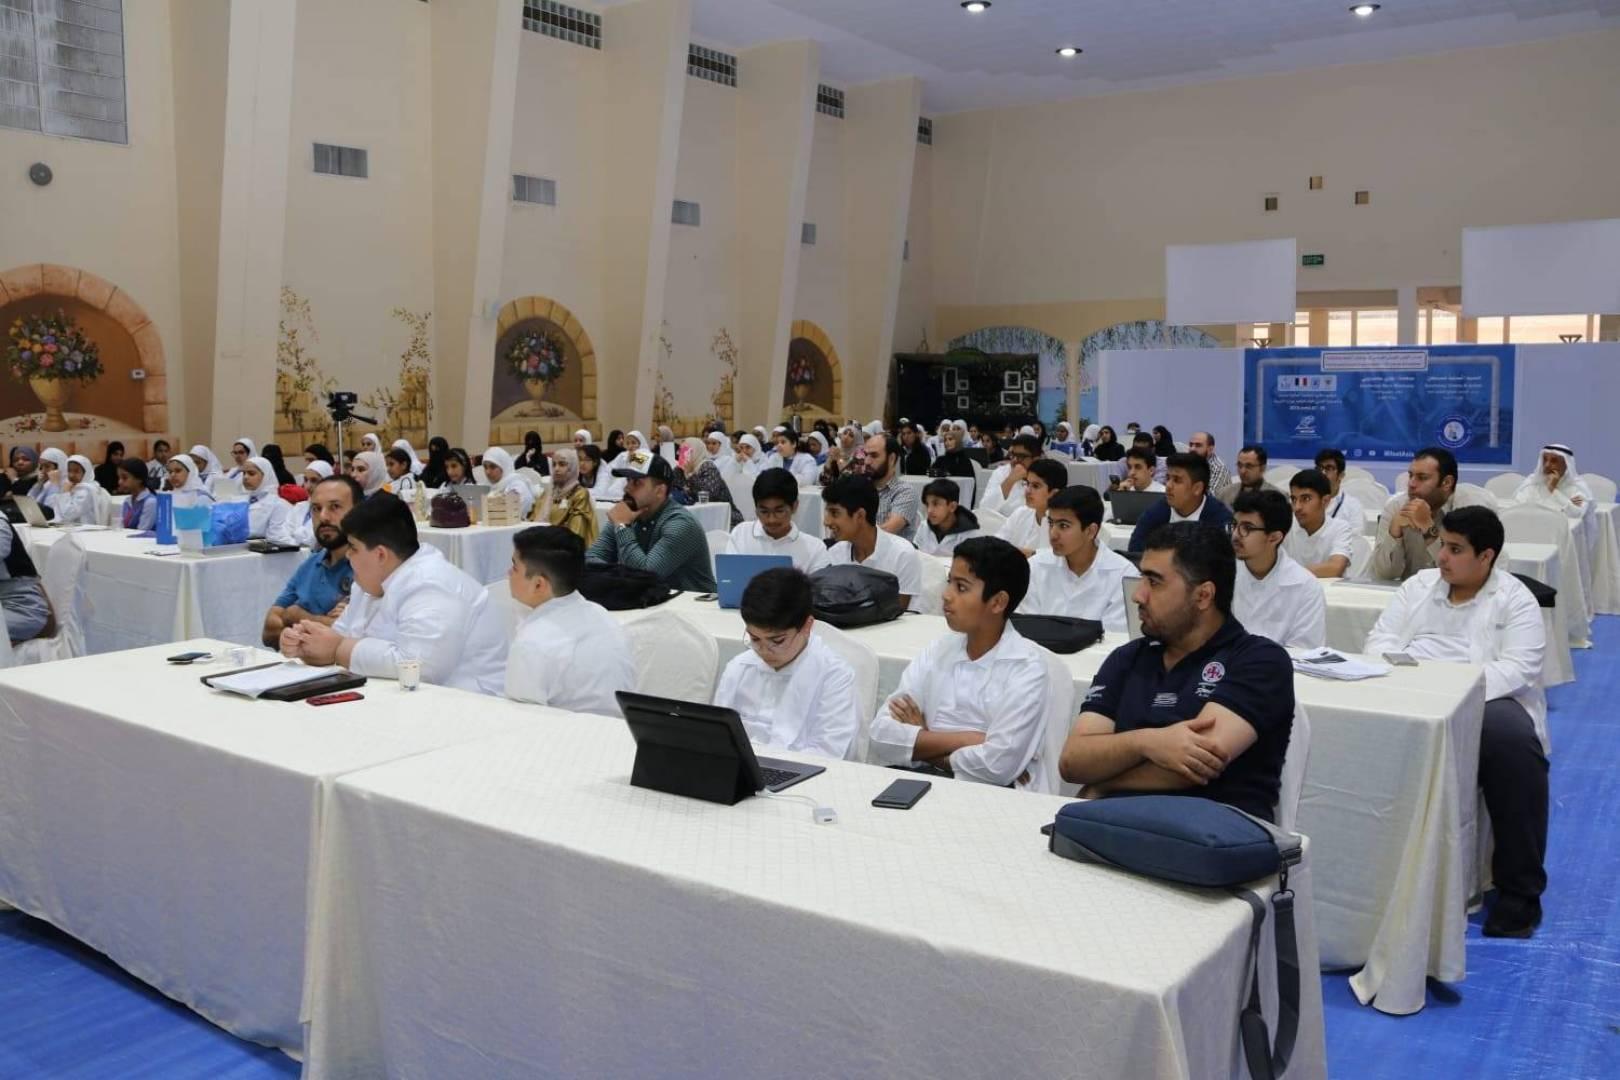 «ملست آسيا»: تأهل 36 مدرسة للمشاركة بالمعرض العلمي «الكويتي - الفرنسي»